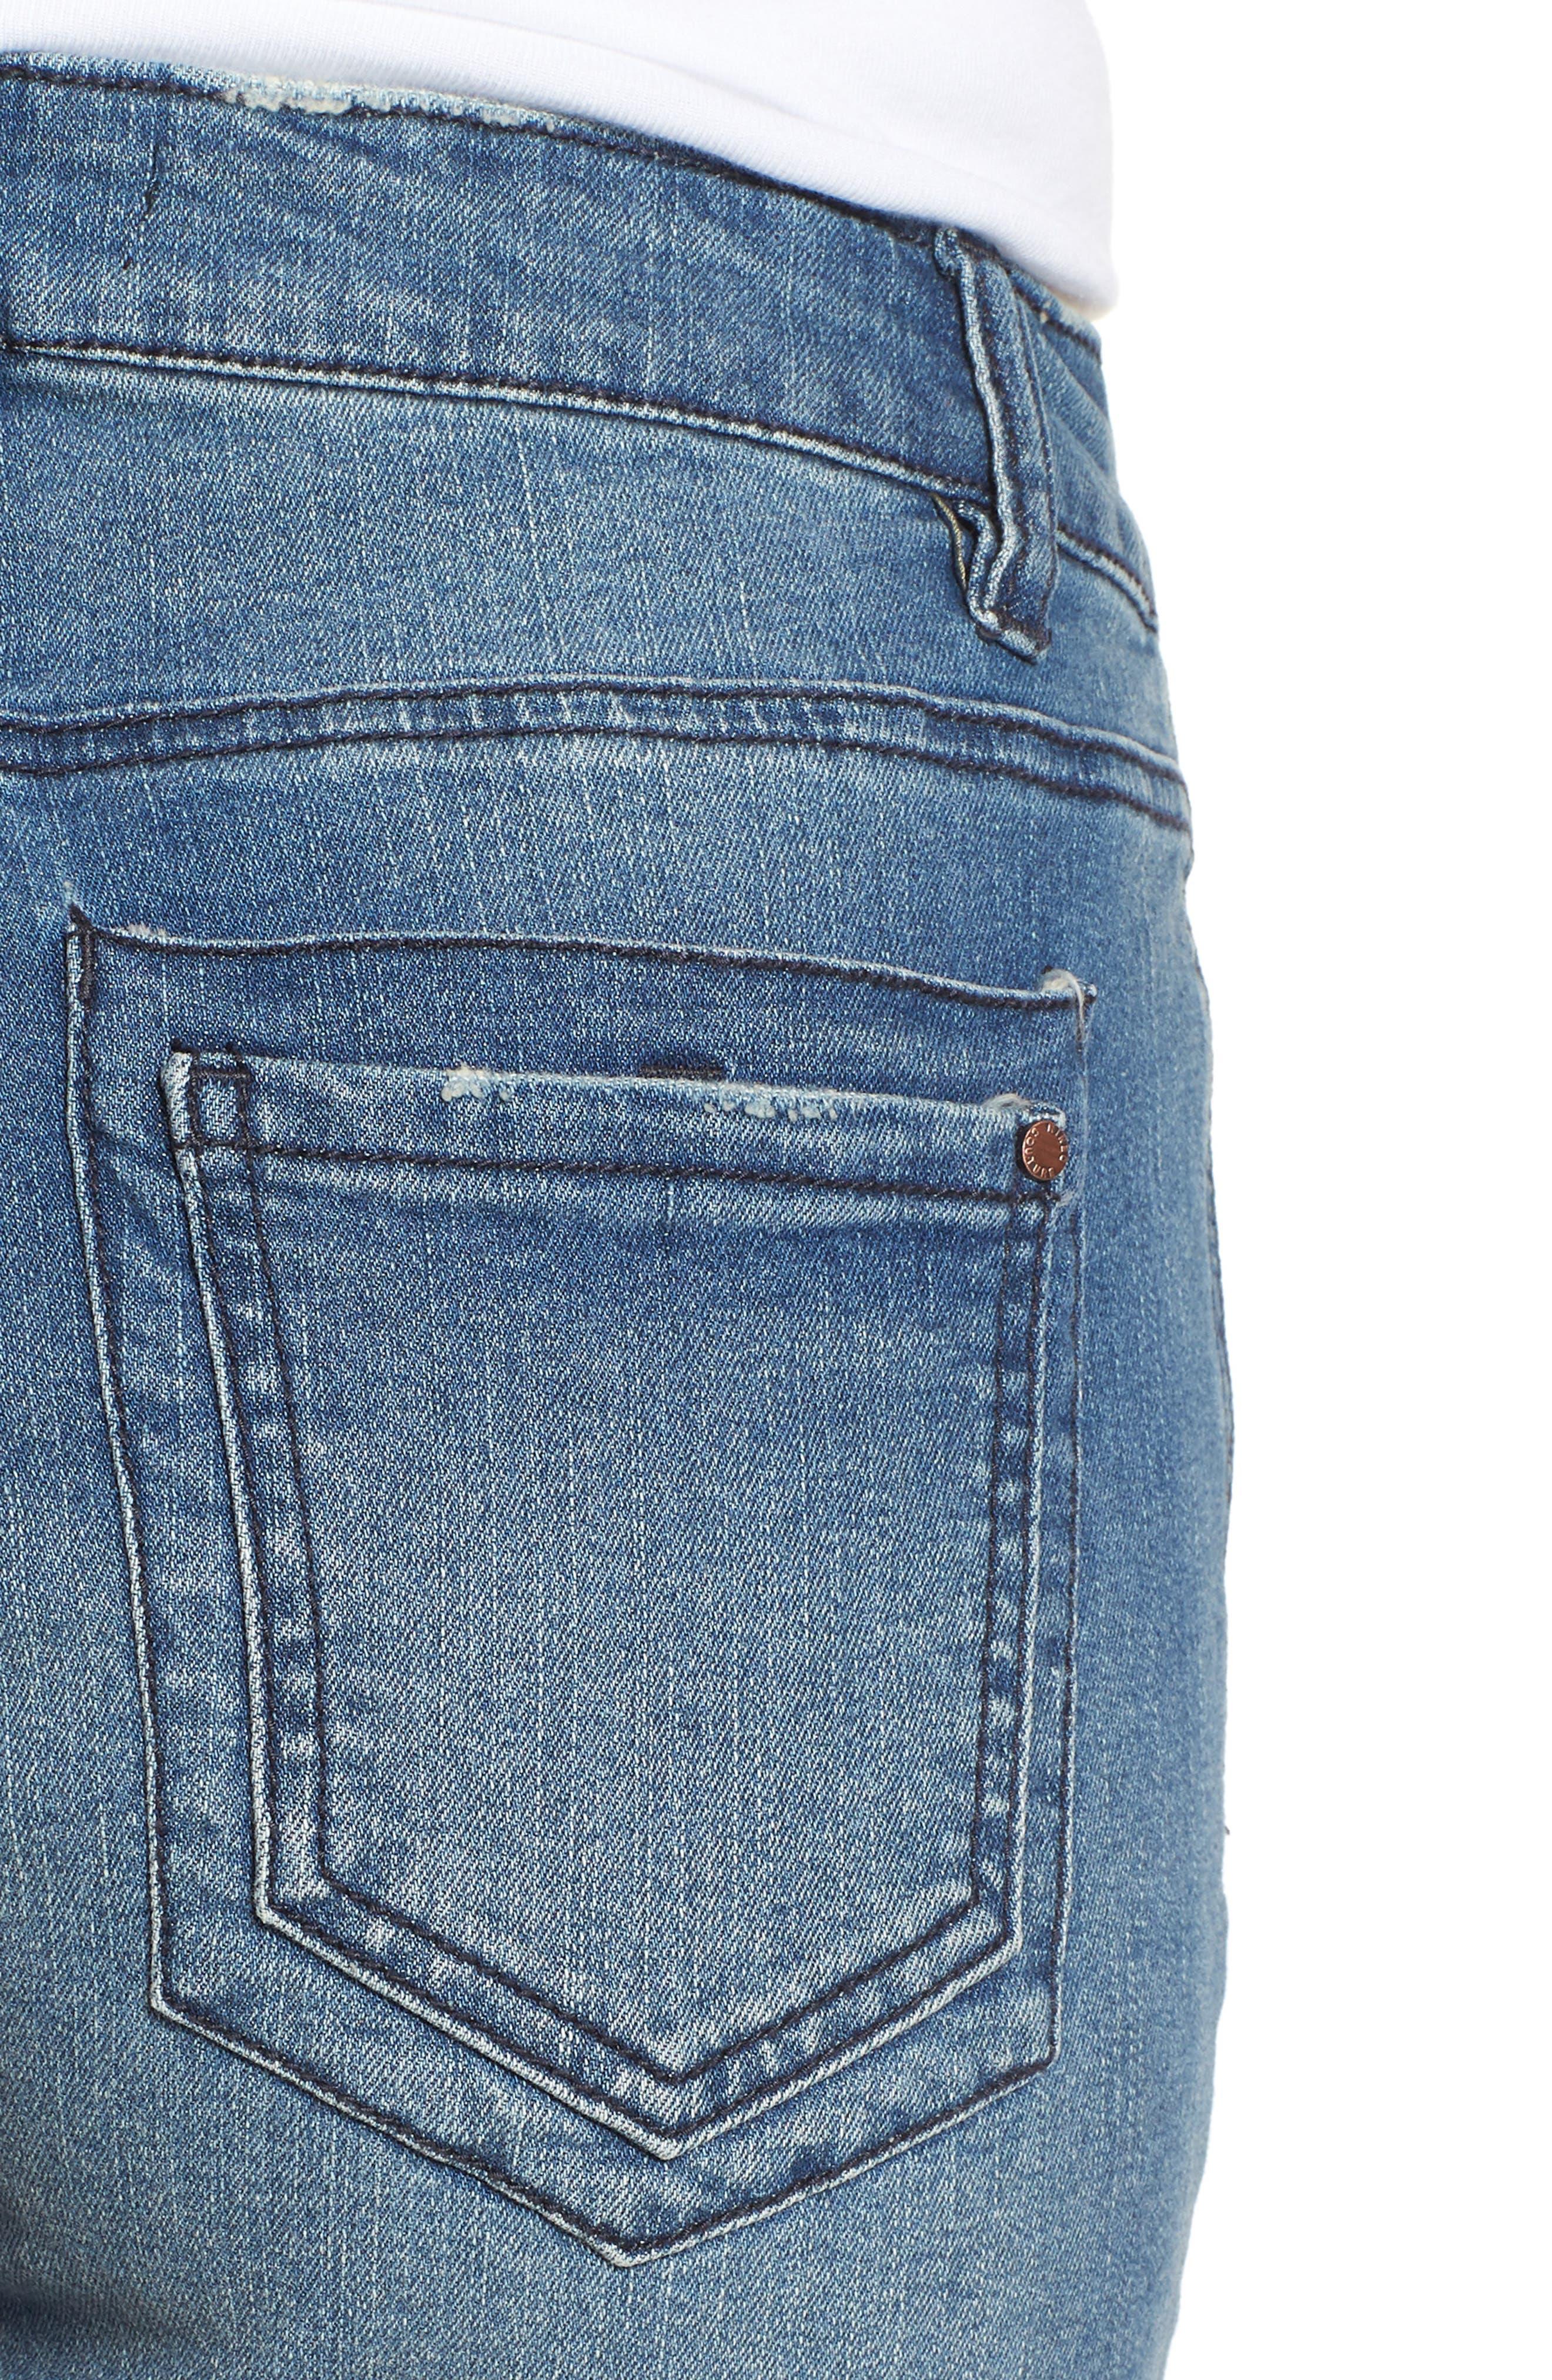 TINSEL,                             Fray Hem Denim Bermuda Shorts,                             Alternate thumbnail 4, color,                             400